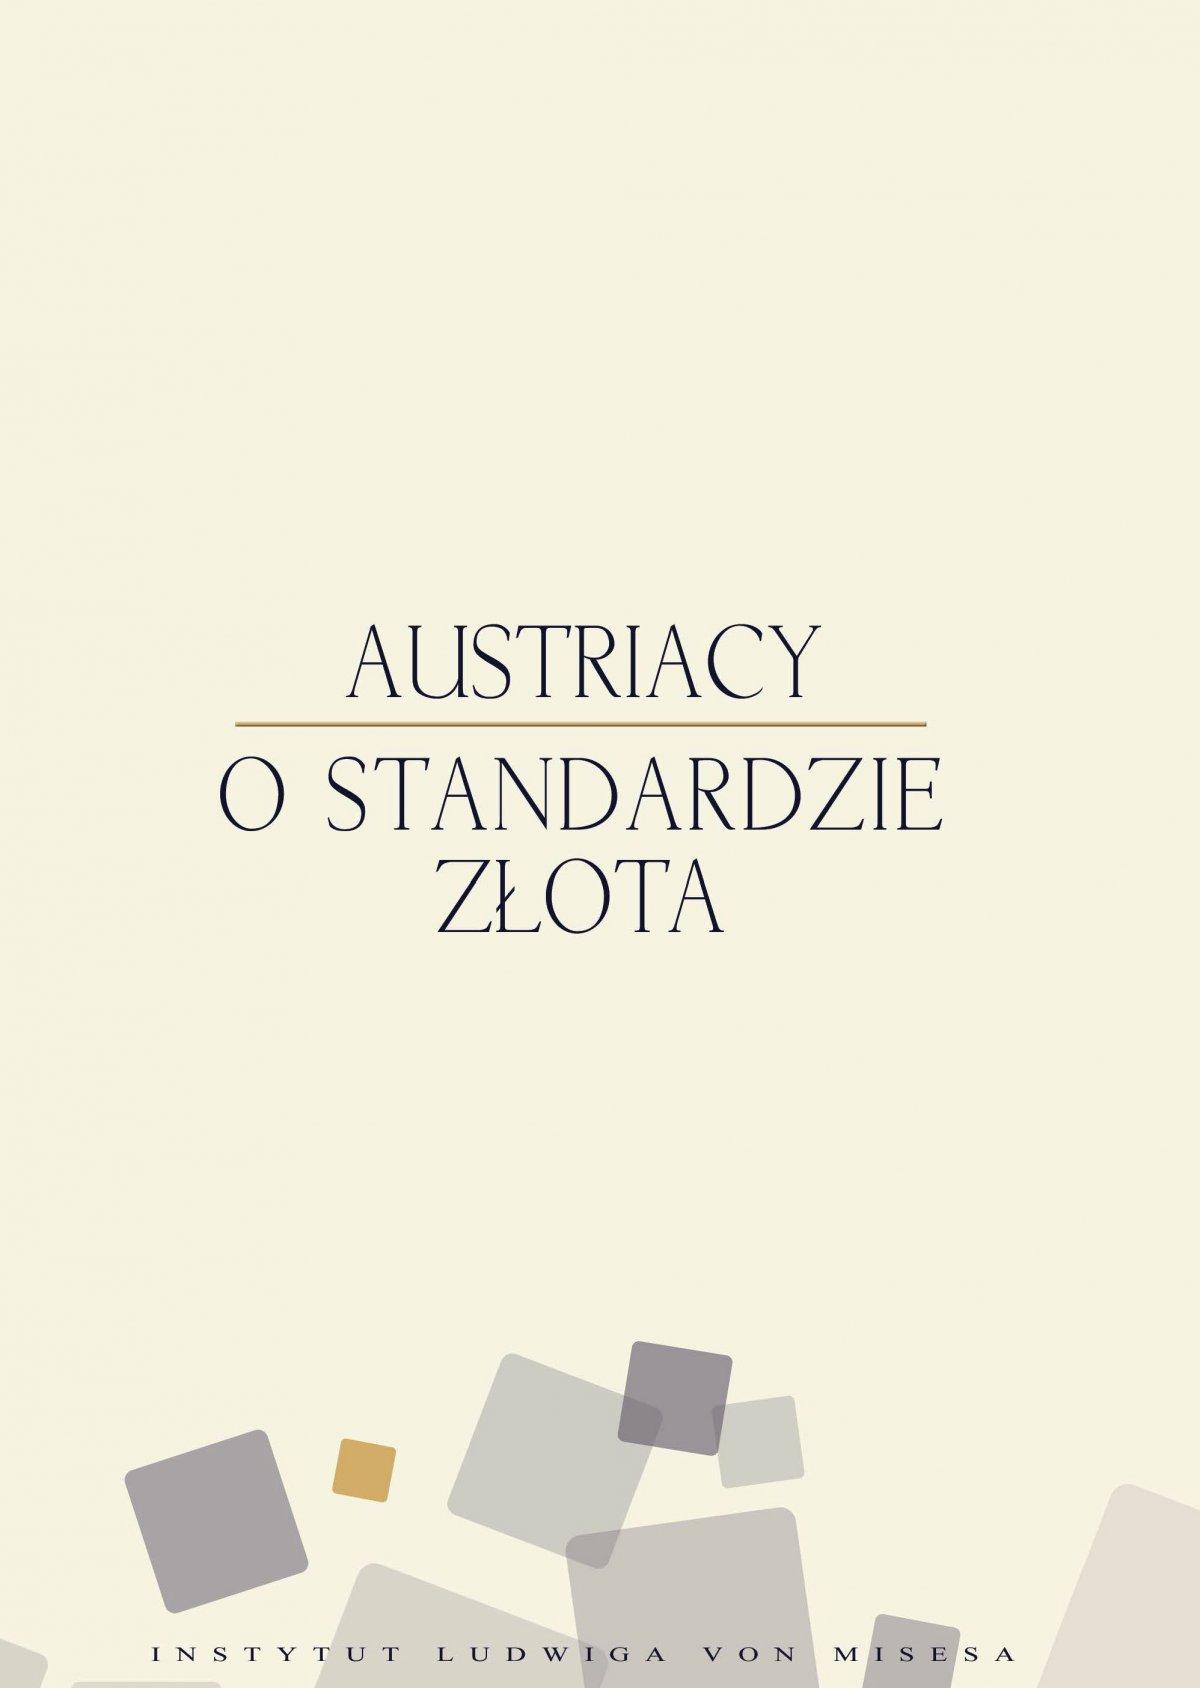 Austriacy o standardzie złota - Ebook (Książka EPUB) do pobrania w formacie EPUB